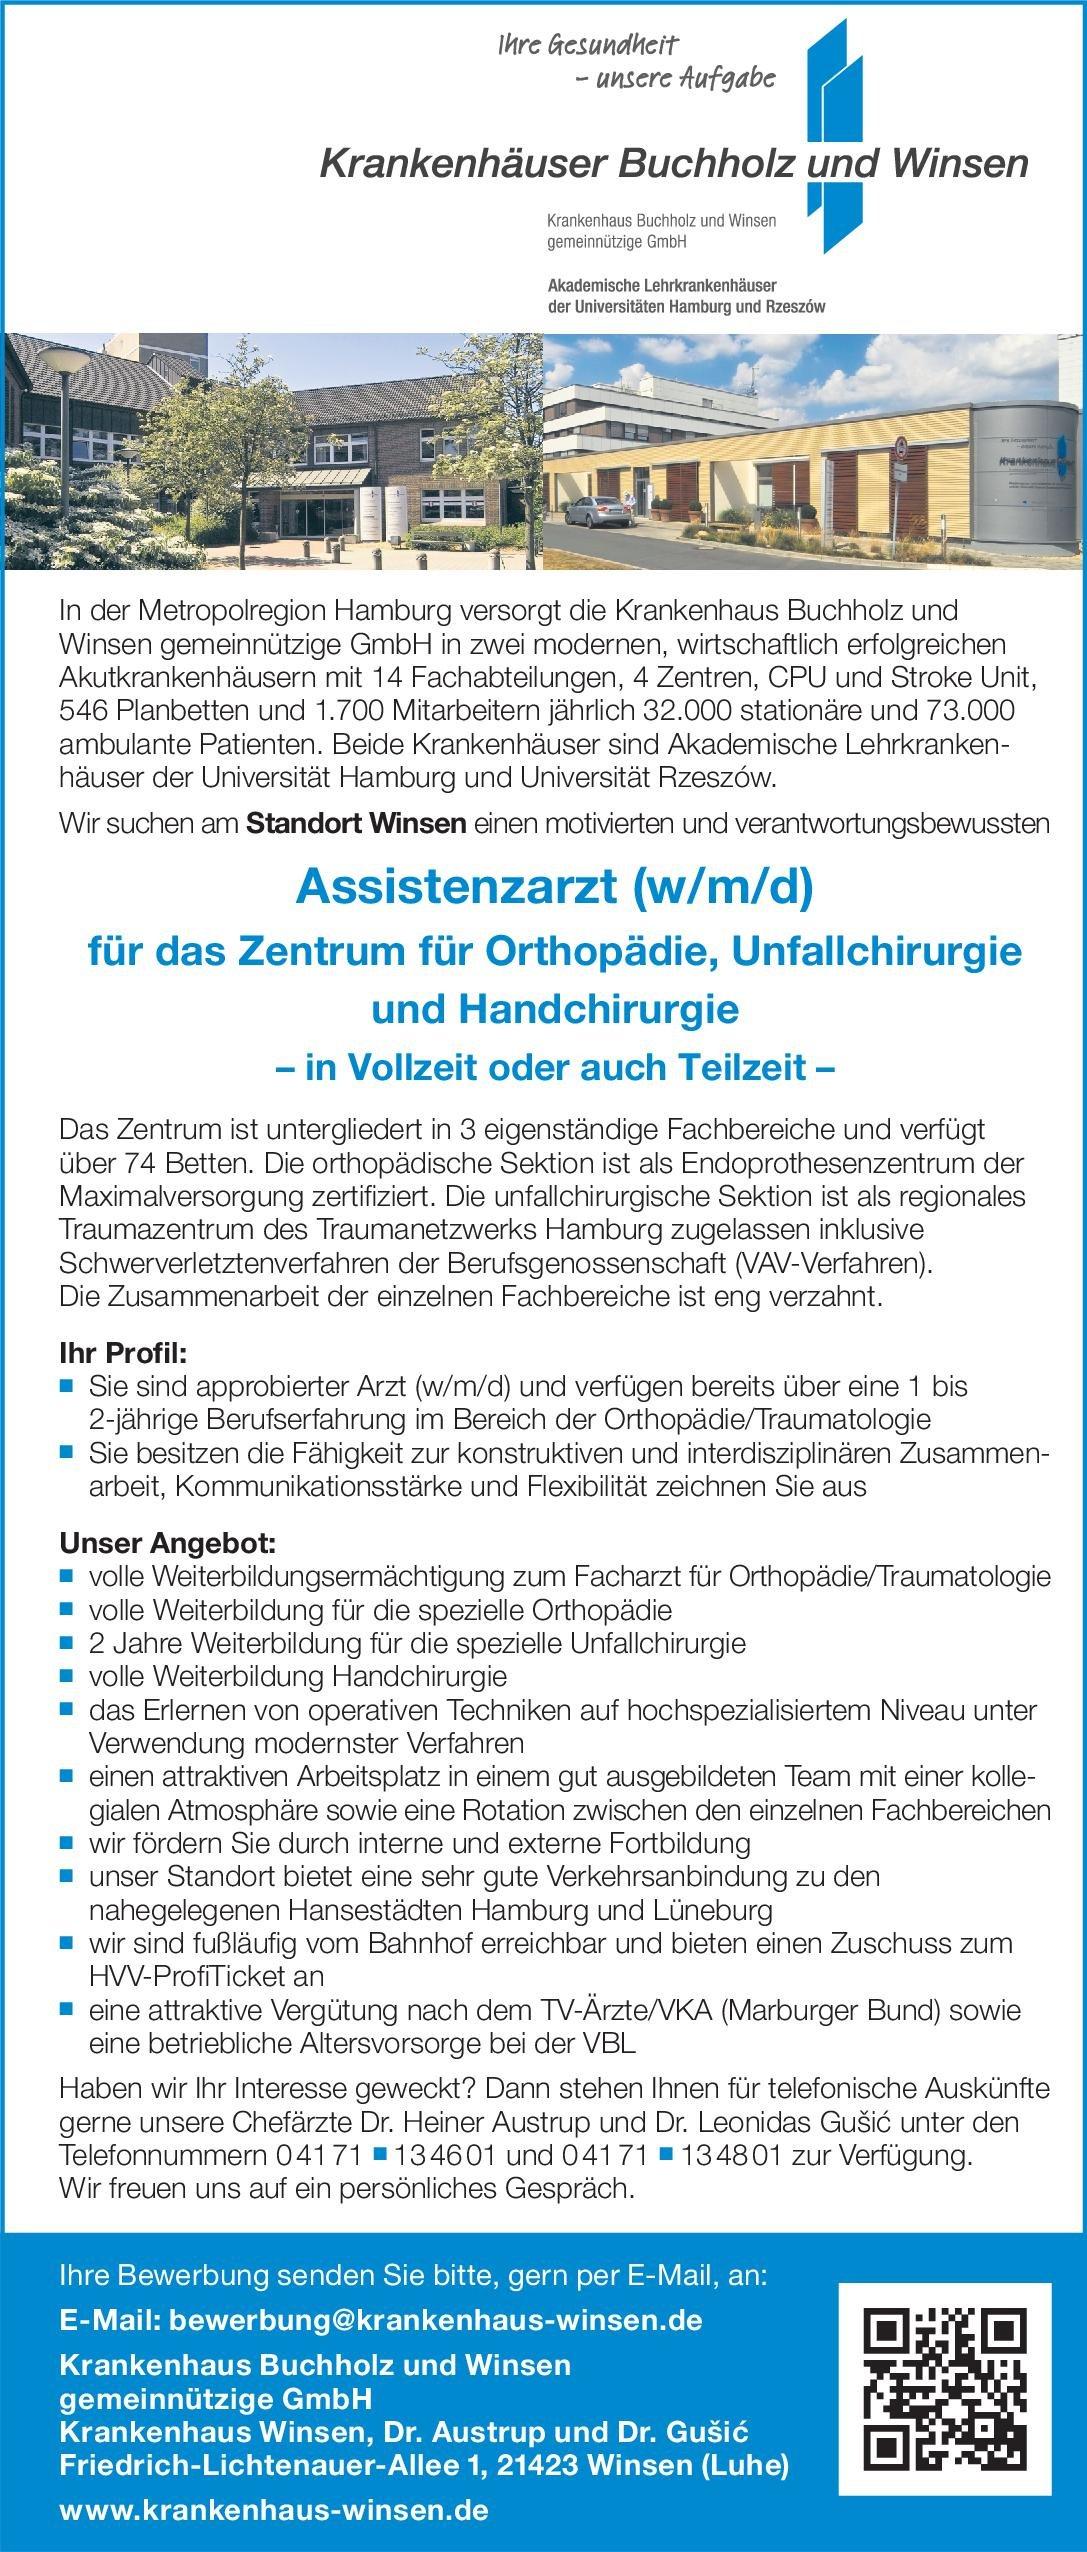 Krankenhaus Buchholz und Winsen gemeinnützige GmbH Assistenzarzt (w/m/d) für das Zentrum für Orthopädie, Unfallchirurgie und Handchirurgie  Orthopädie und Unfallchirurgie, Chirurgie Assistenzarzt / Arzt in Weiterbildung